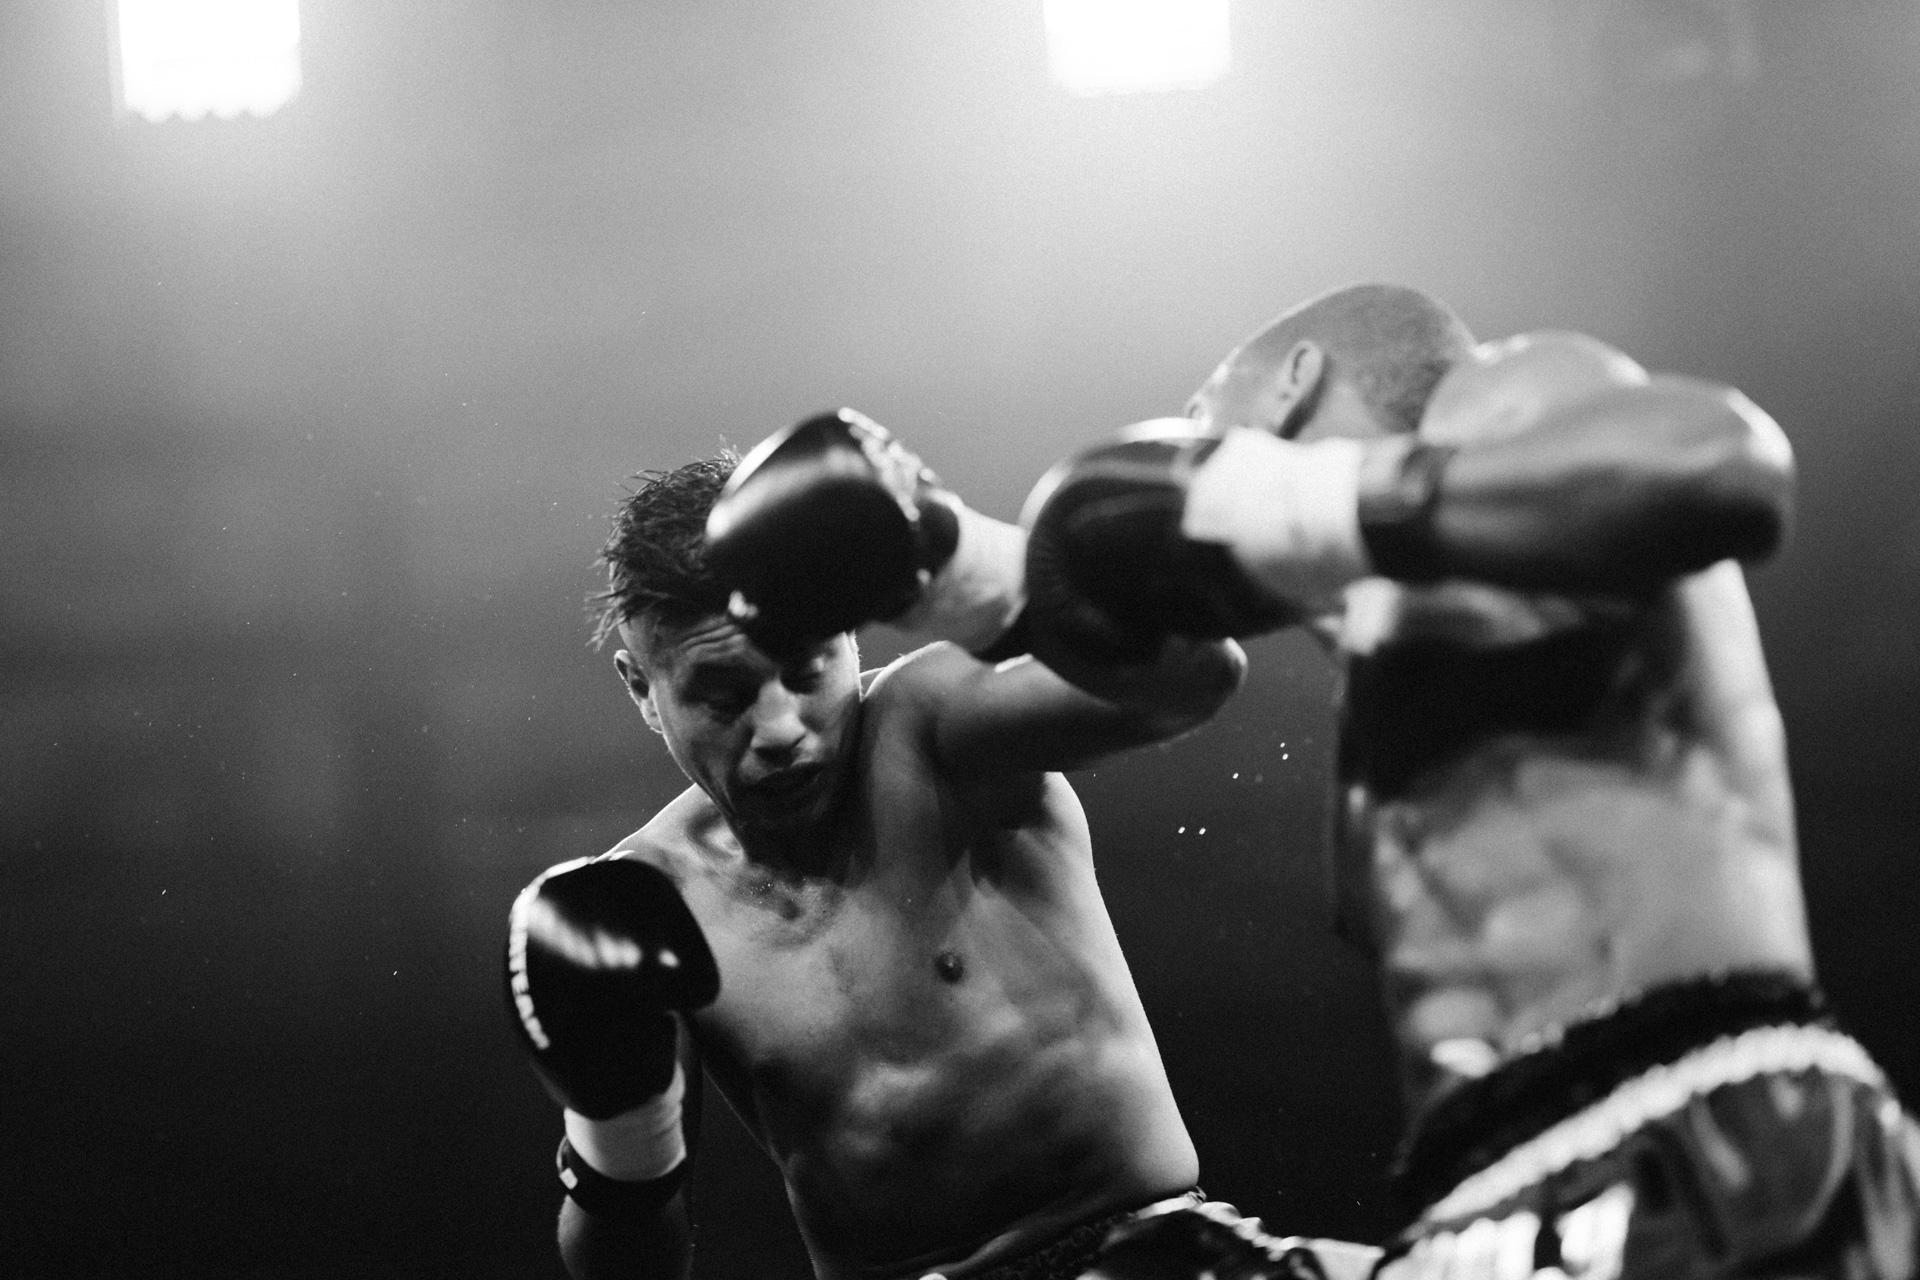 damien-dohmen-konateam-boxe-29